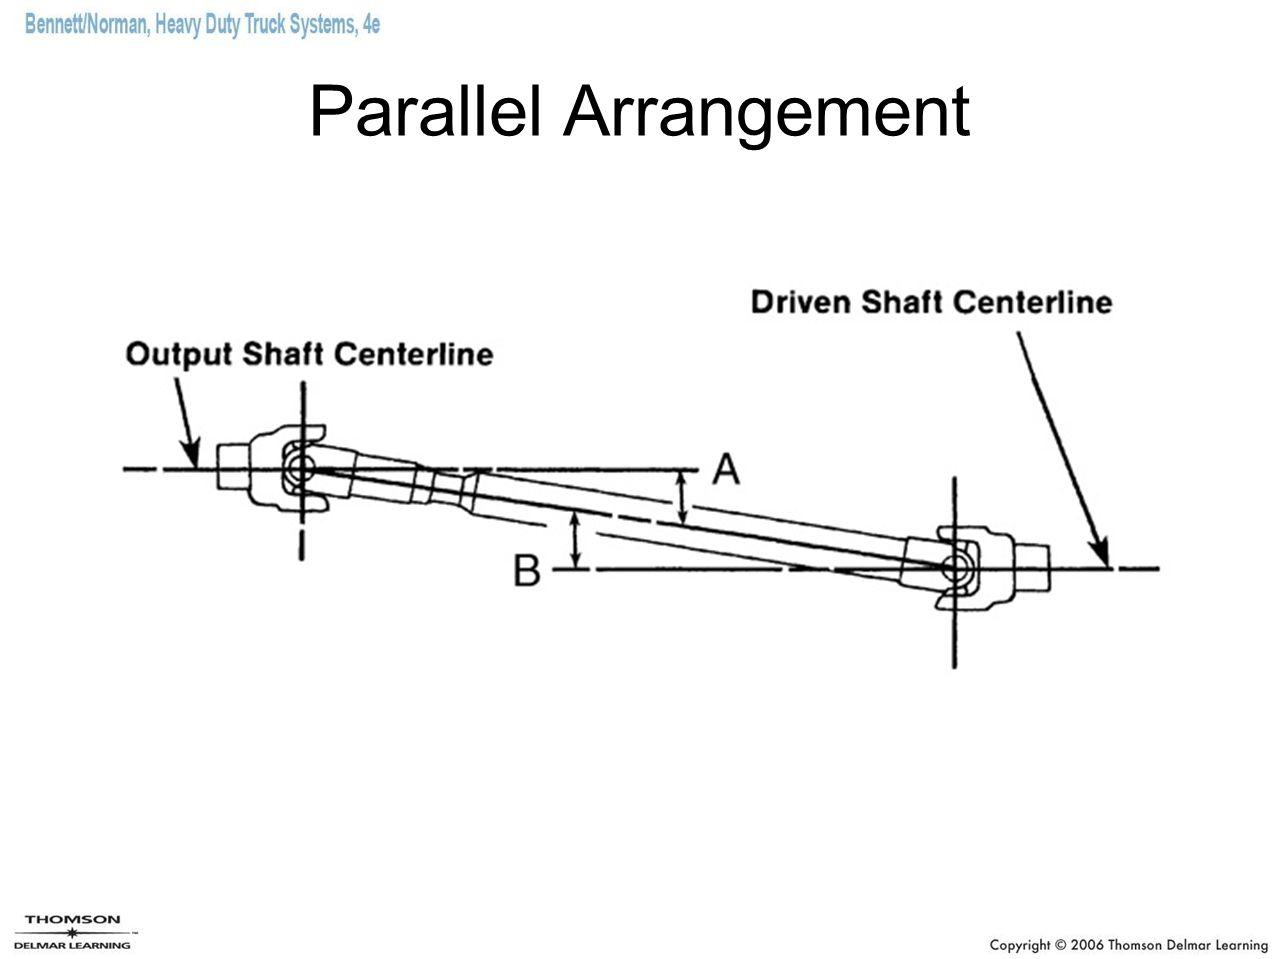 Parallel Arrangement